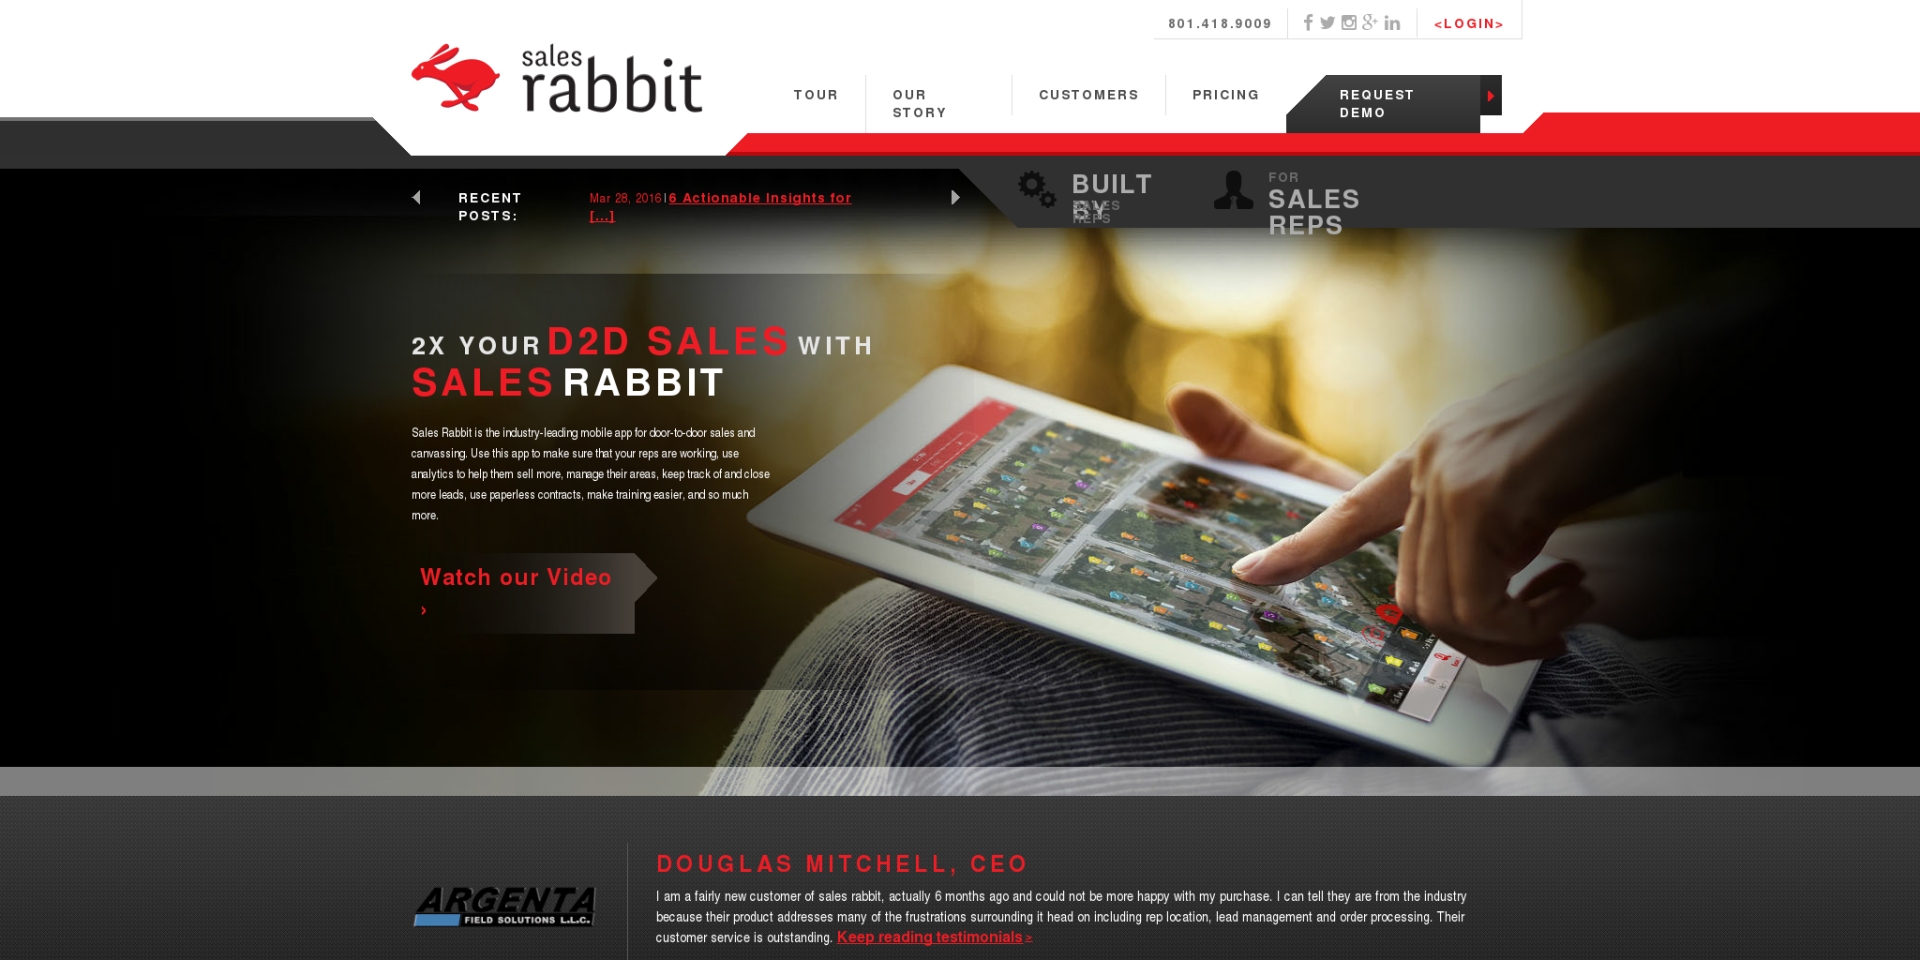 Sales Rabbit - Door-to-Door Sales App